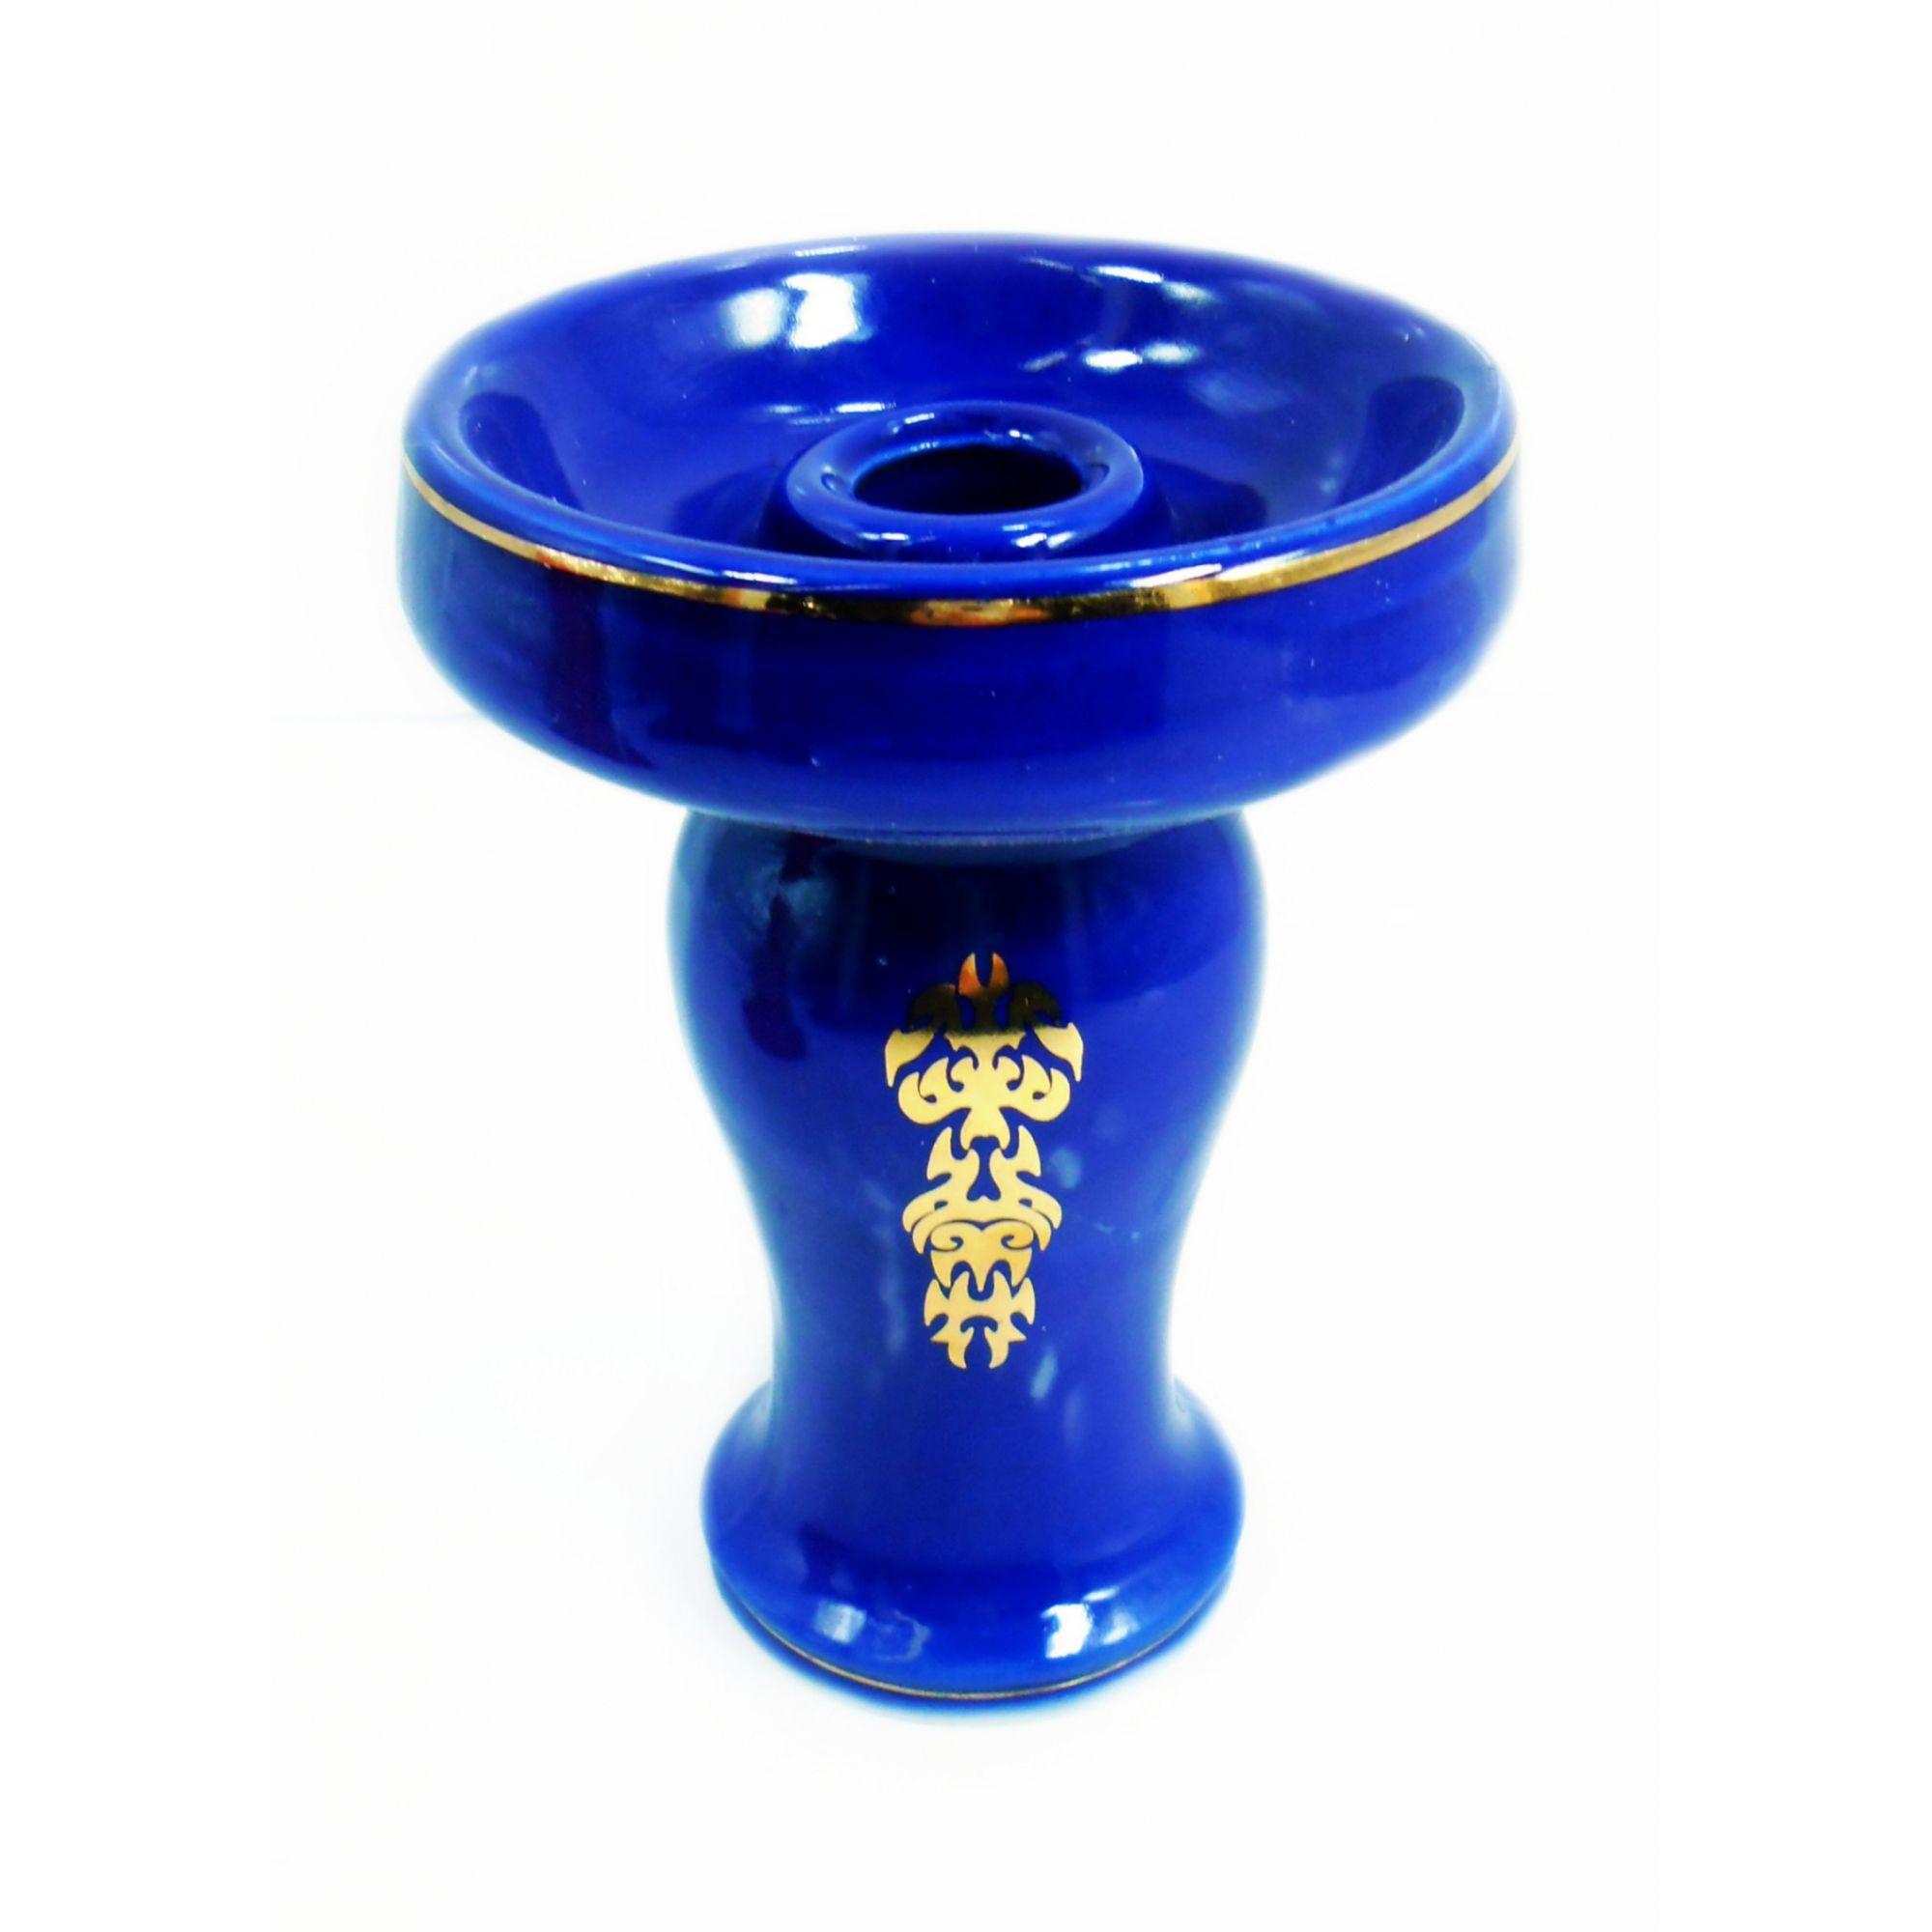 Fornilho/Rosh p/ narguile KIMO PLUS modelo O-4, em cerâmica decorado c/ pintura DOURADA, 11cm.